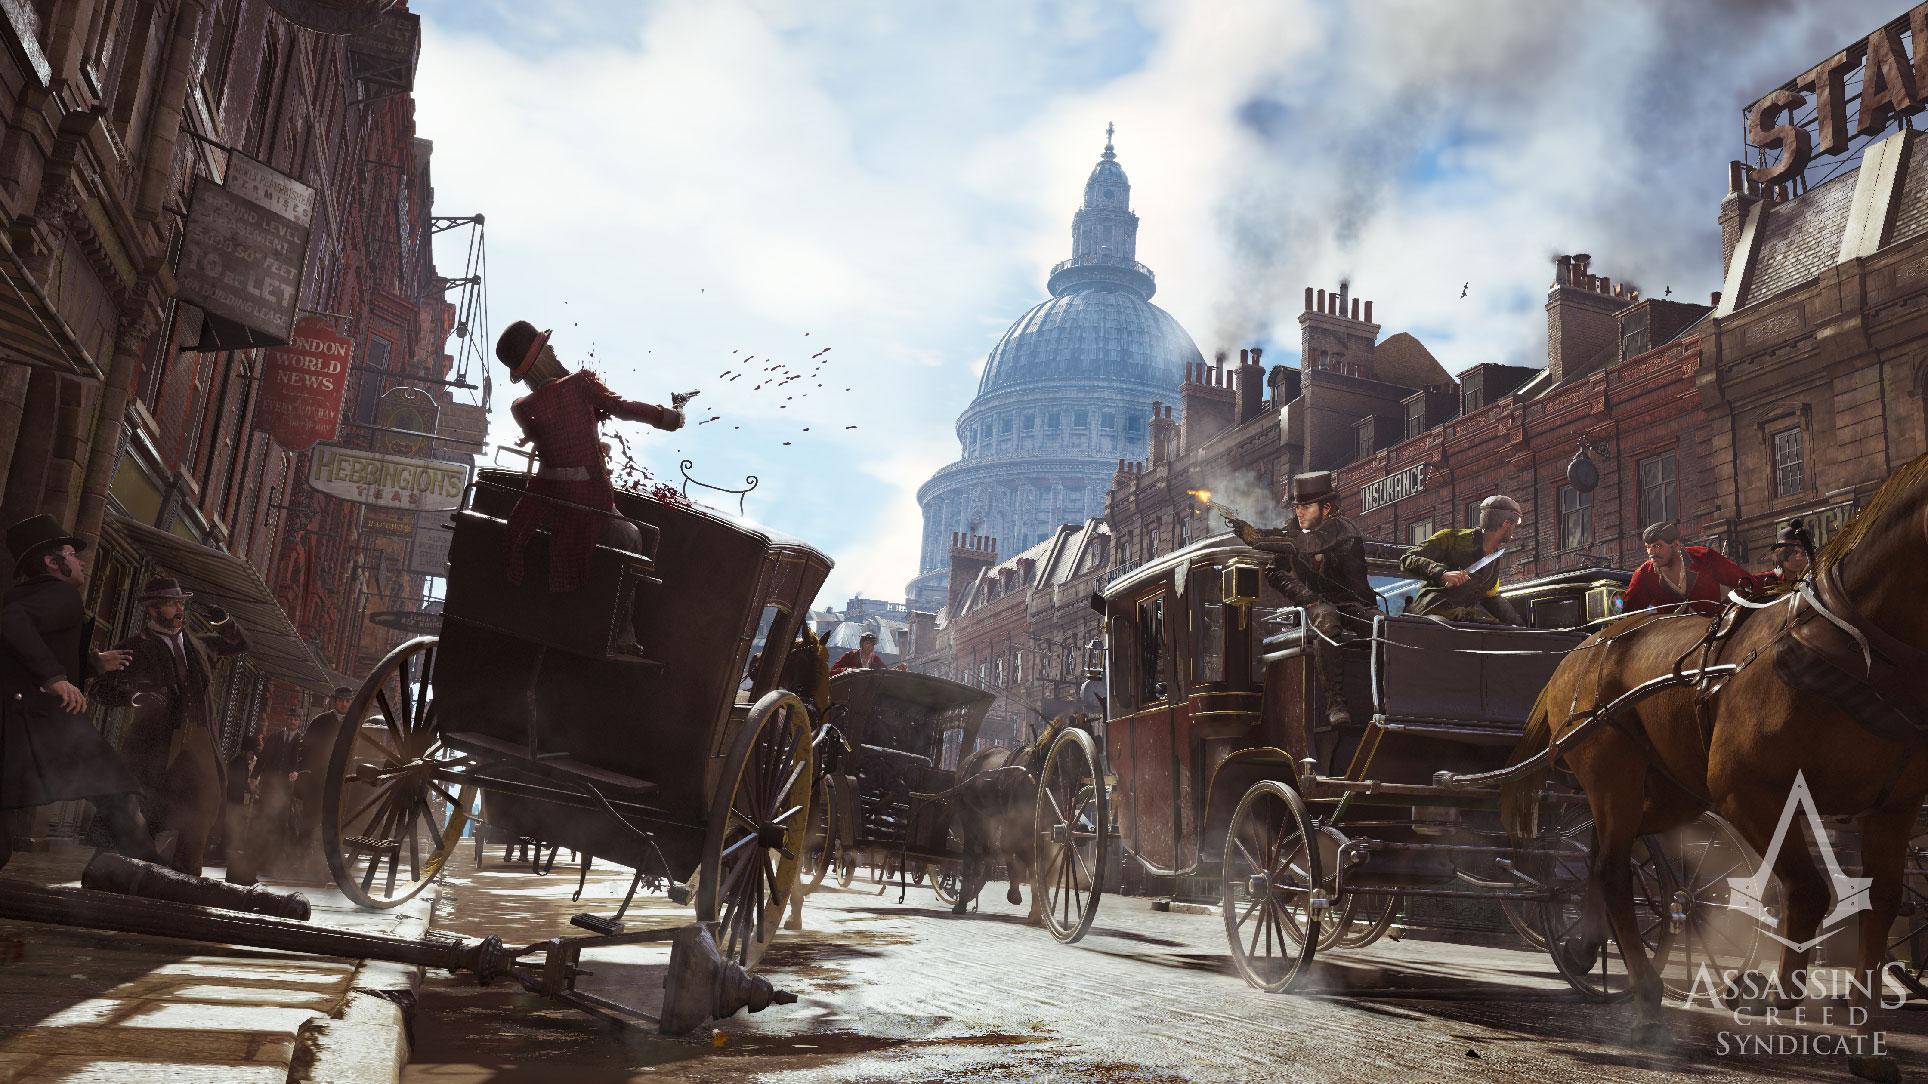 """Die Zeitsprünge vor """"Origins"""" führten weniger weit zurück: Das abgebildete """"Assassin's Creed Syndicate"""" spielt Ende des 19. Jahrhunderts, """"Assassin's Creed Unity"""" zur Zeit der französischen Revolution."""